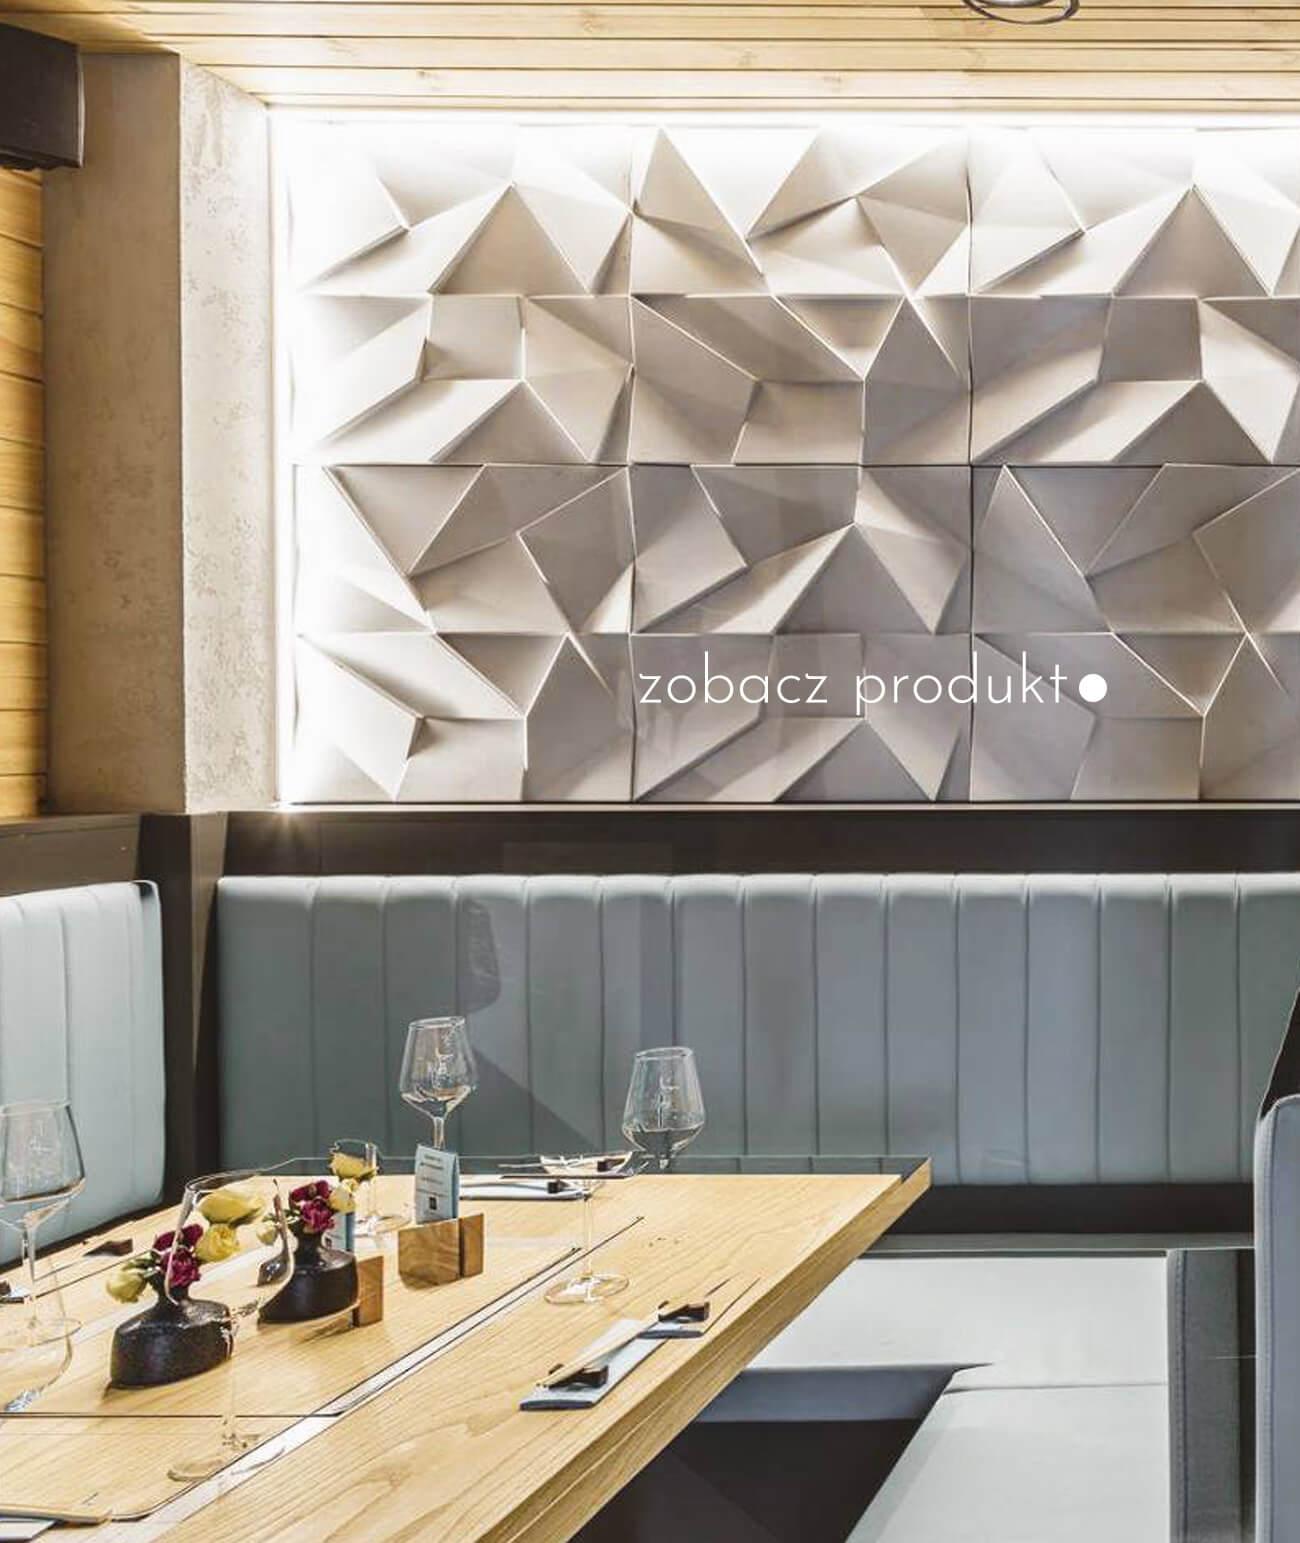 panele-betonowe-3d-scienne-i-elewacyjne-beton-architektoniczny_339-1873-pb06-bs-sniezno-bialy-origami---panel-dekor-3d-beton-architektoniczny-panel-scienny